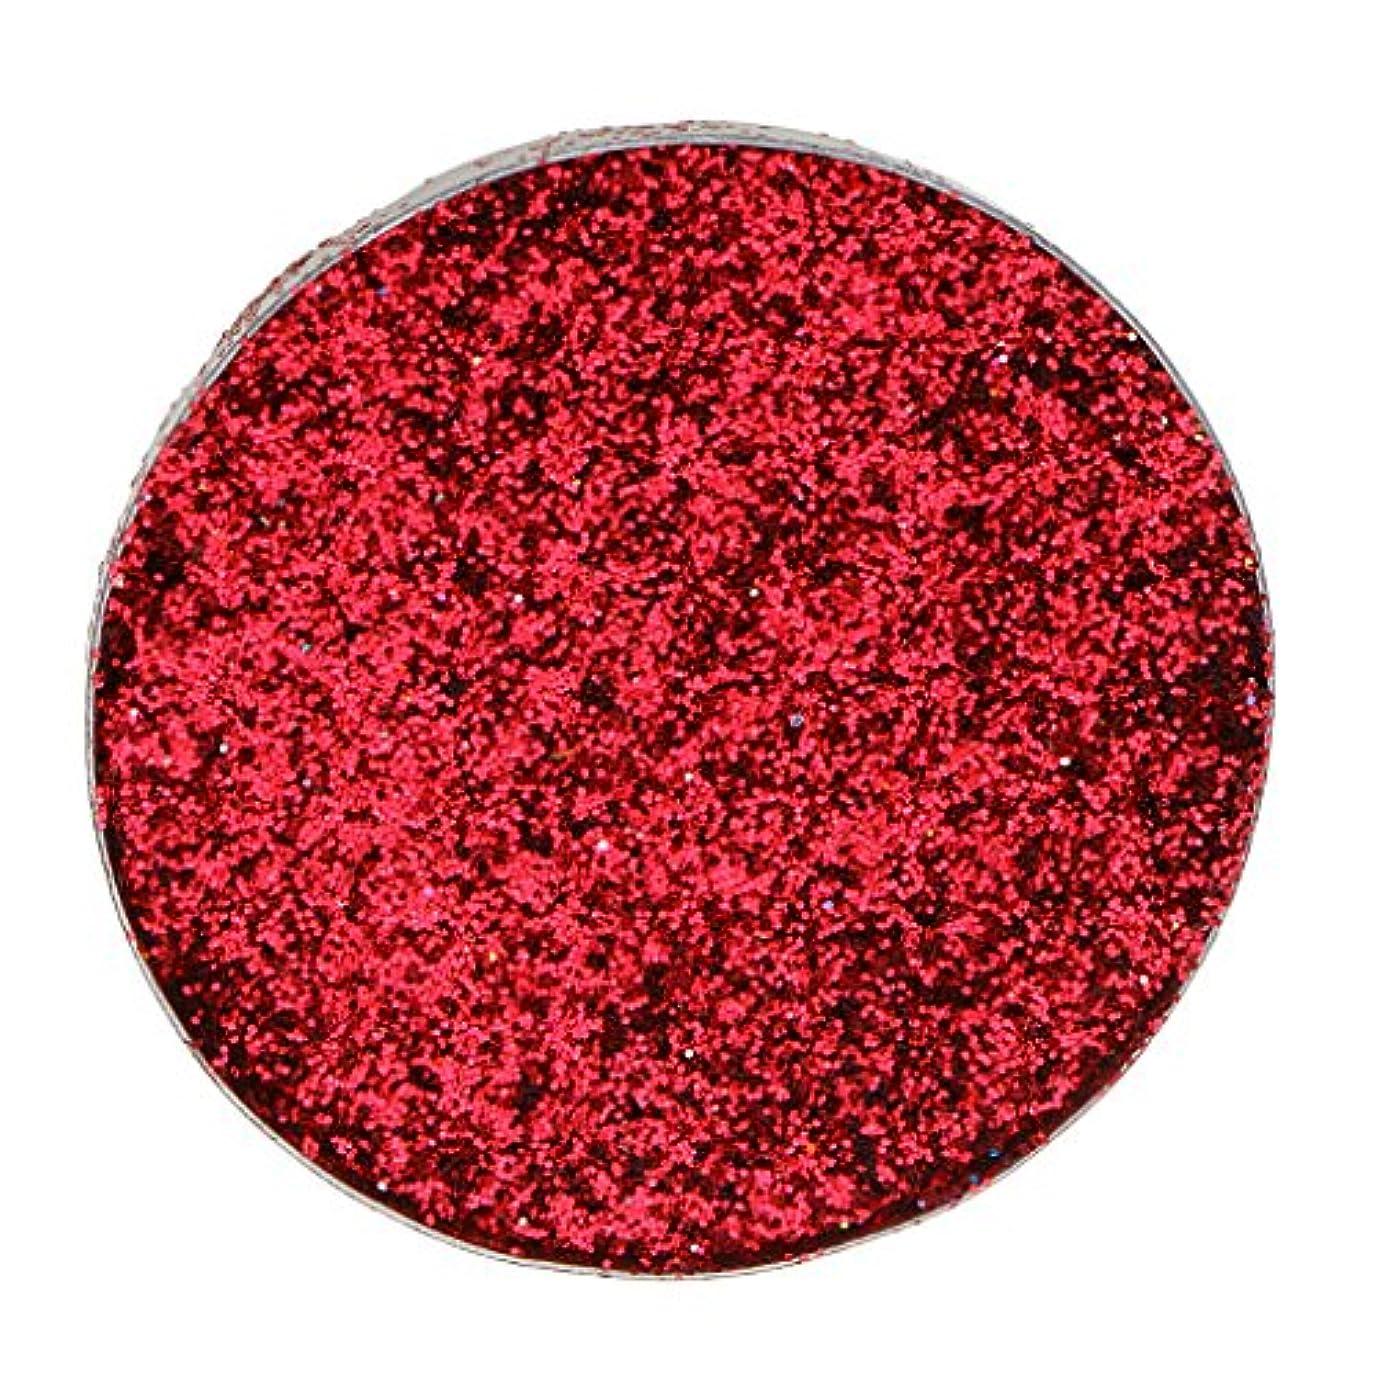 風変わりな花火。ダイヤモンドキラキラ輝き輝くメークアッププレスアイシャドー顔料 - 赤